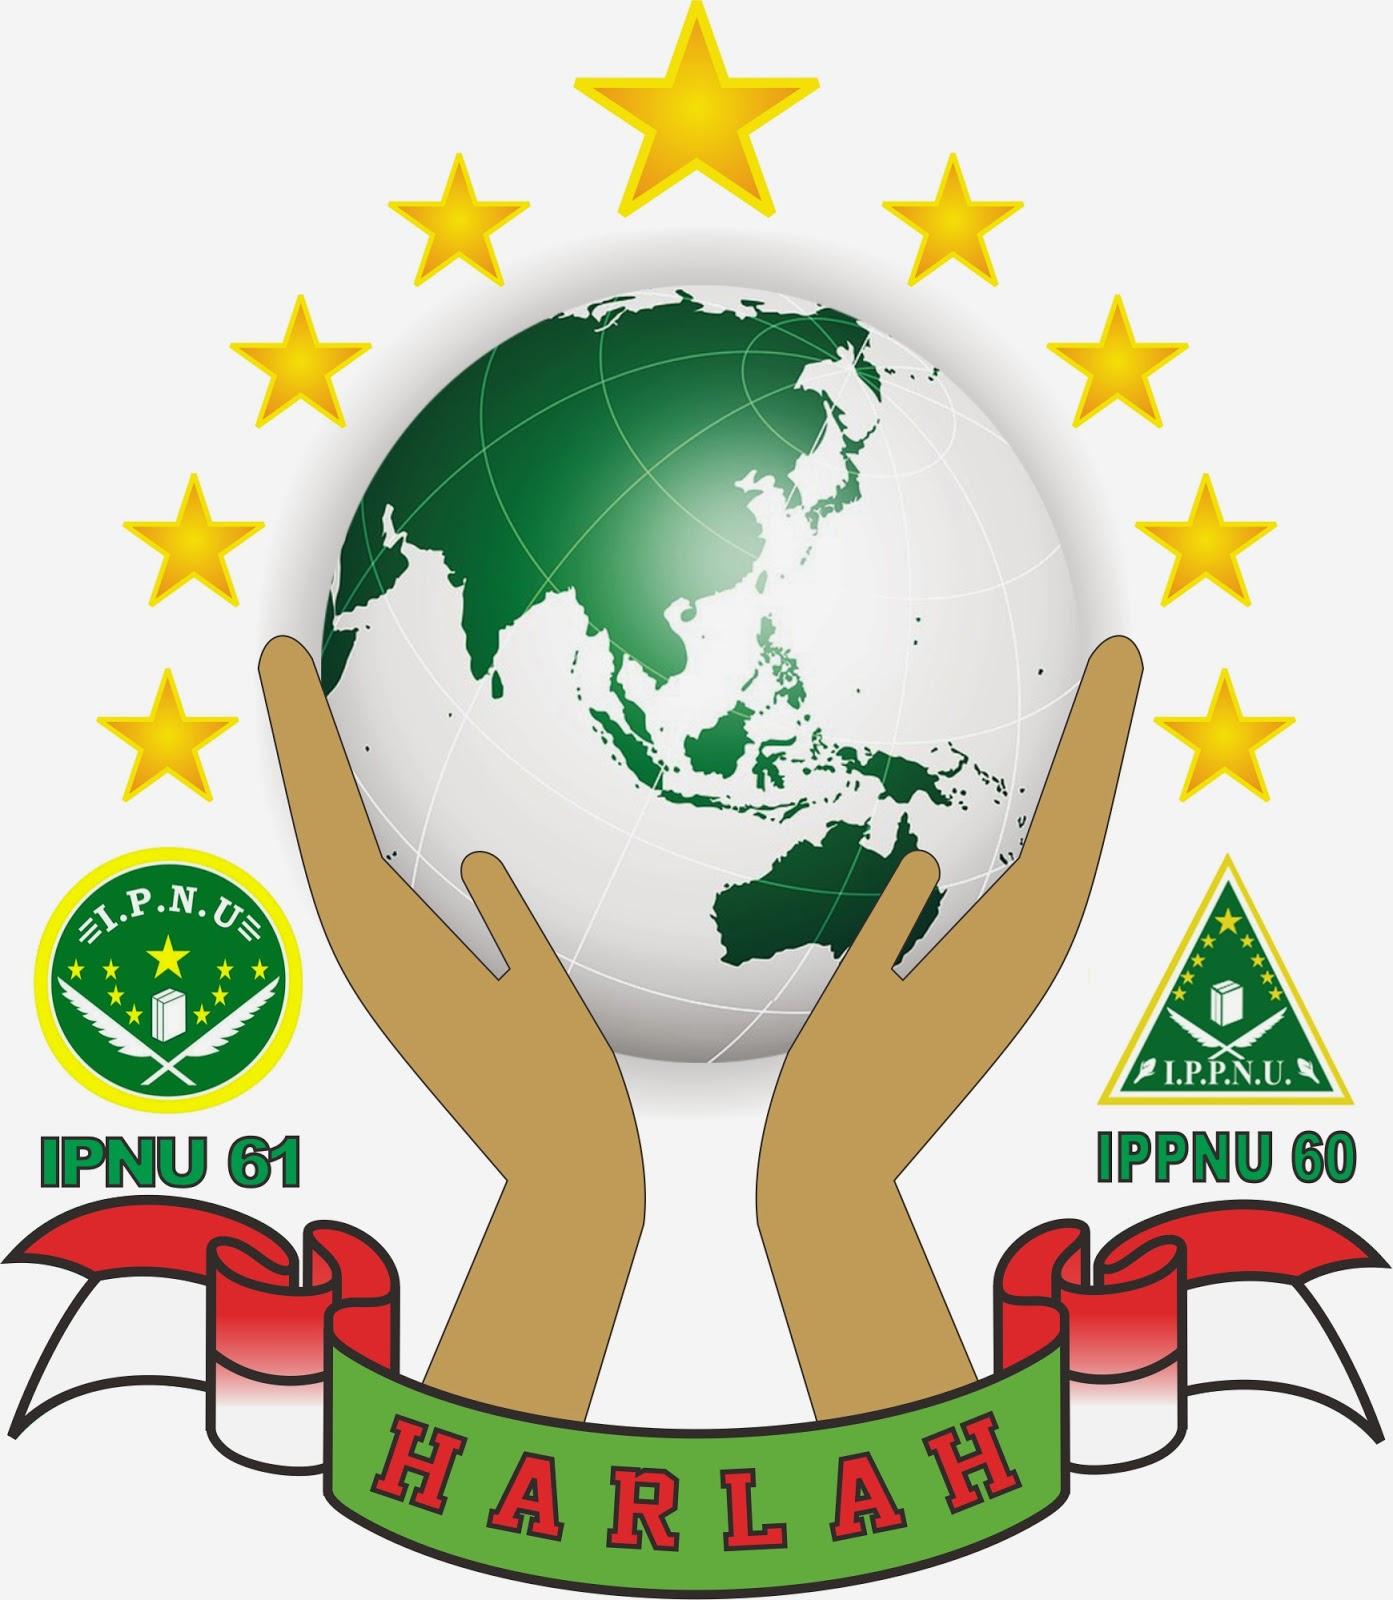 Lomba Logo Harlah IPNU 61 dan IPPNU 60 PC.IPNU-IPPNU Cabang kudus